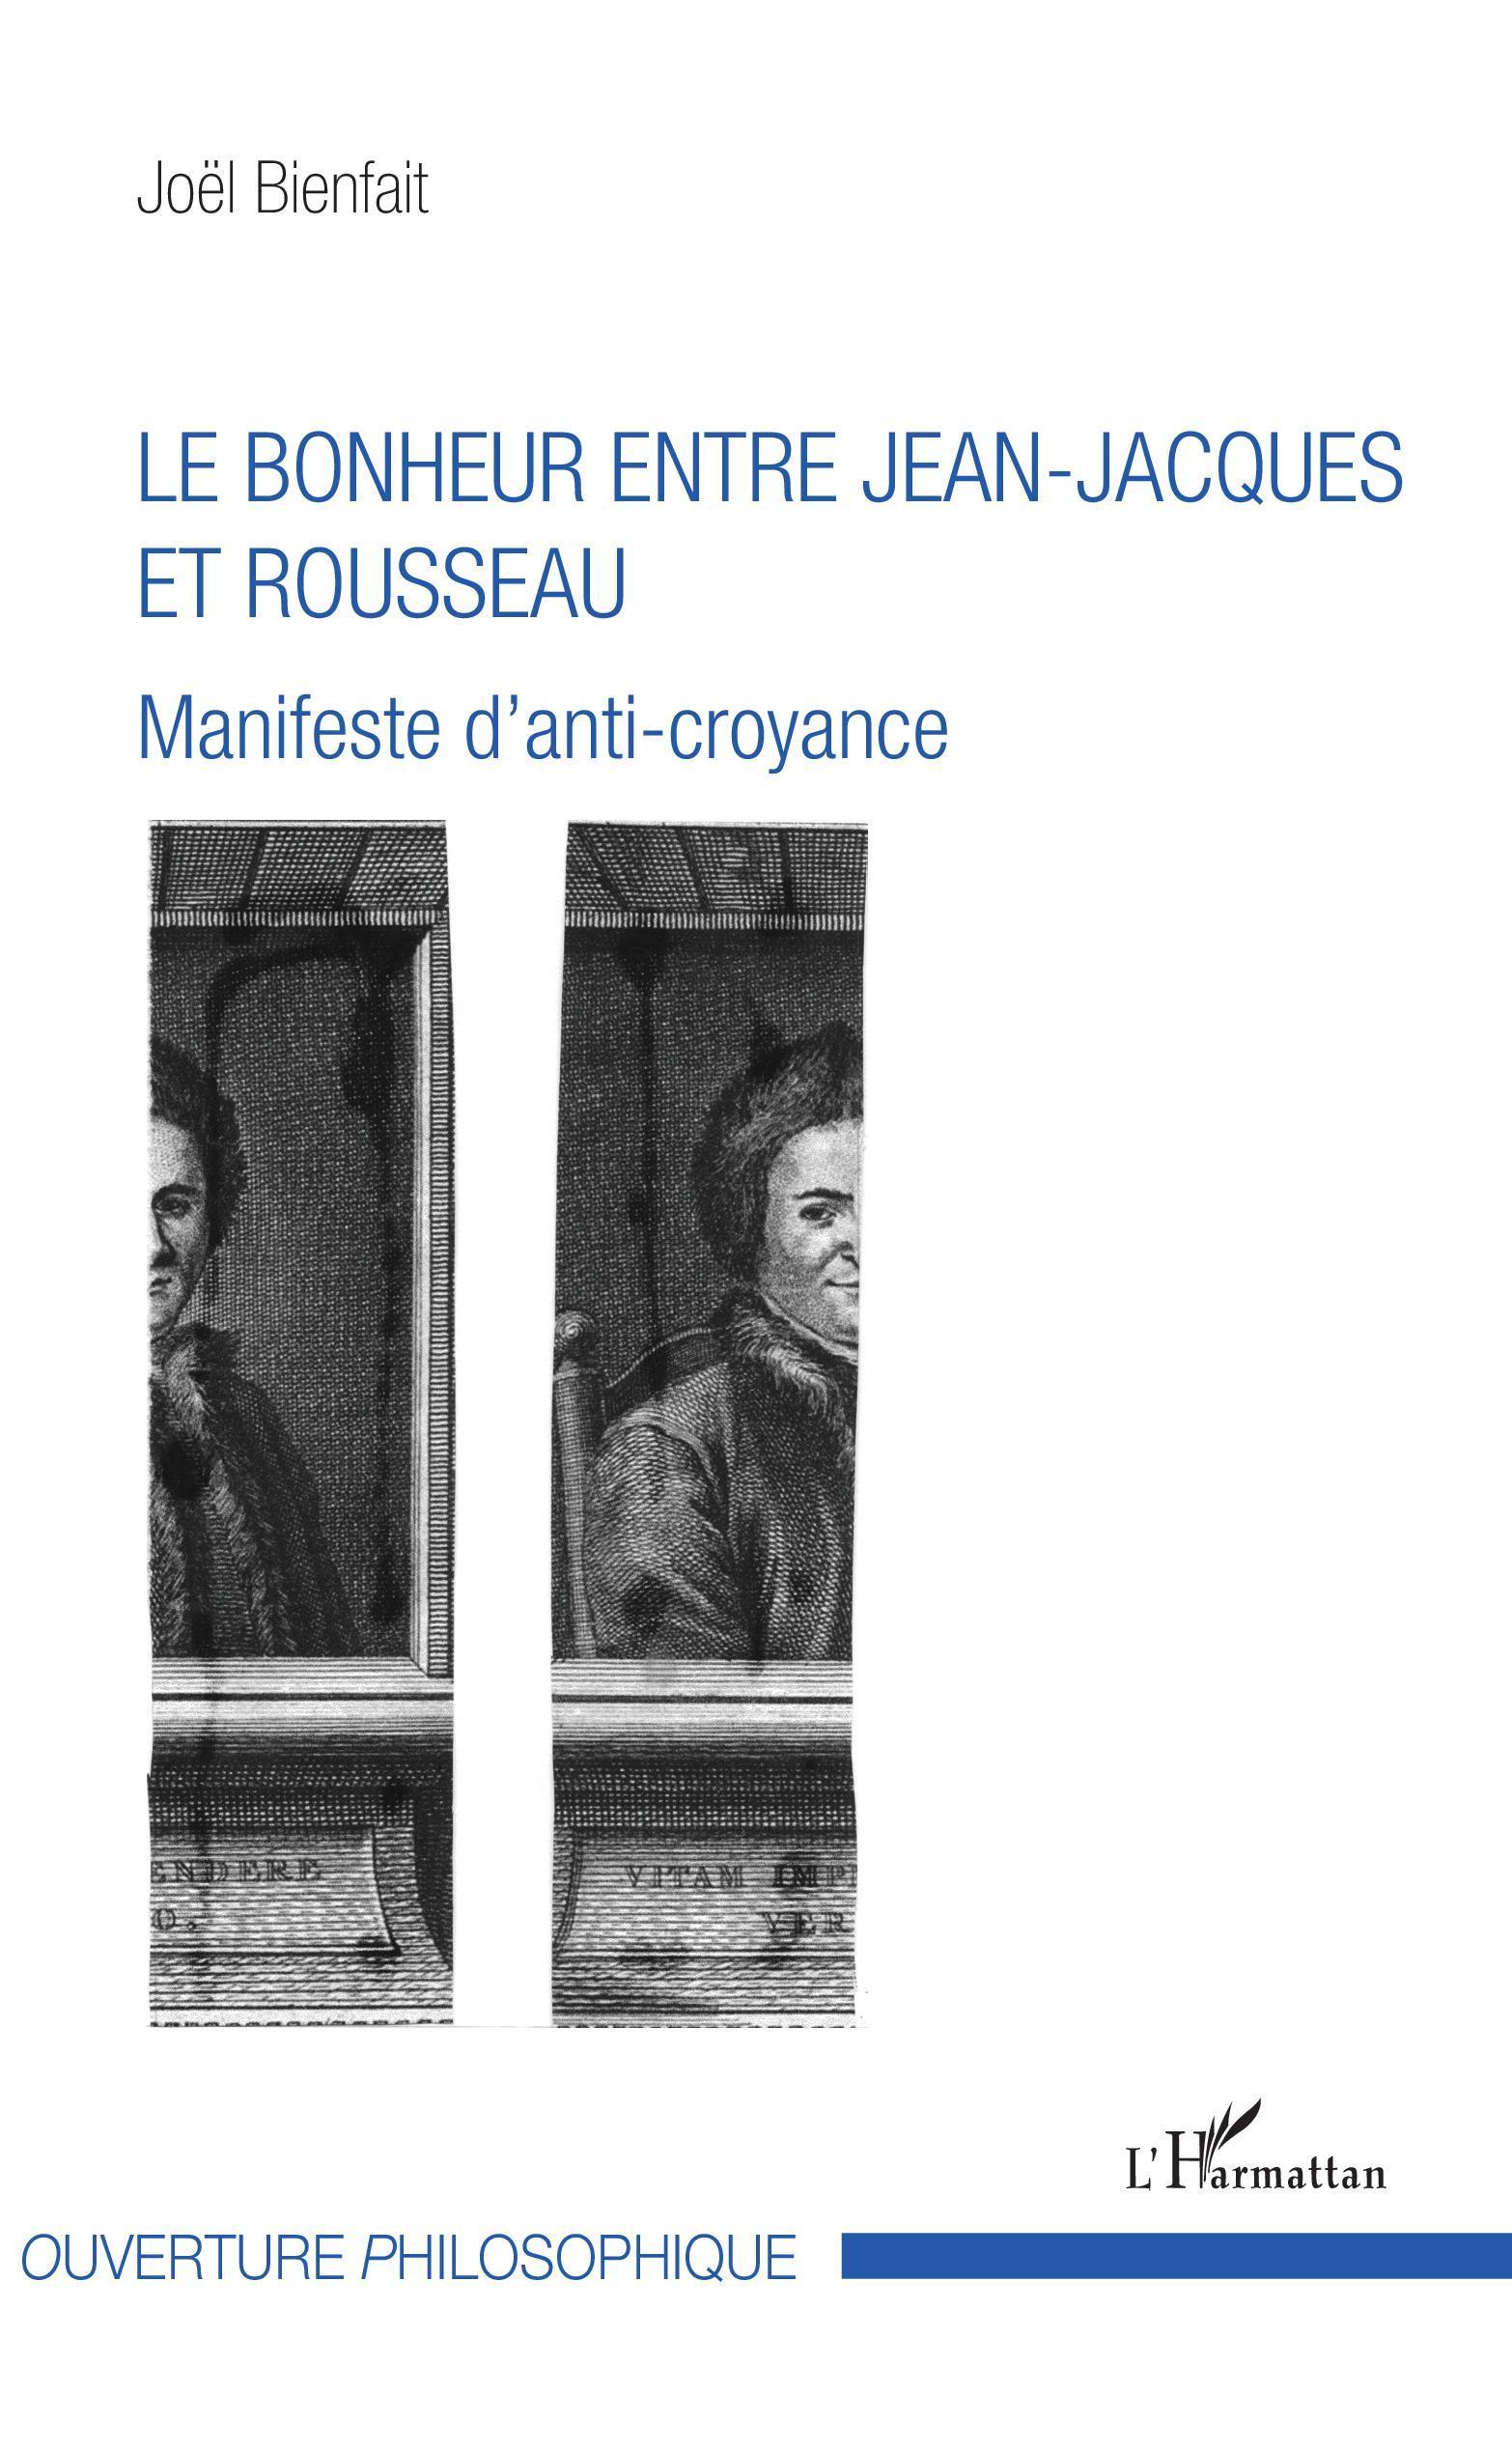 BONHEUR ENTRE JEAN JACQUES ET ROUSSEAU (LE) MANIFESTE D'ANTI CROYANCE